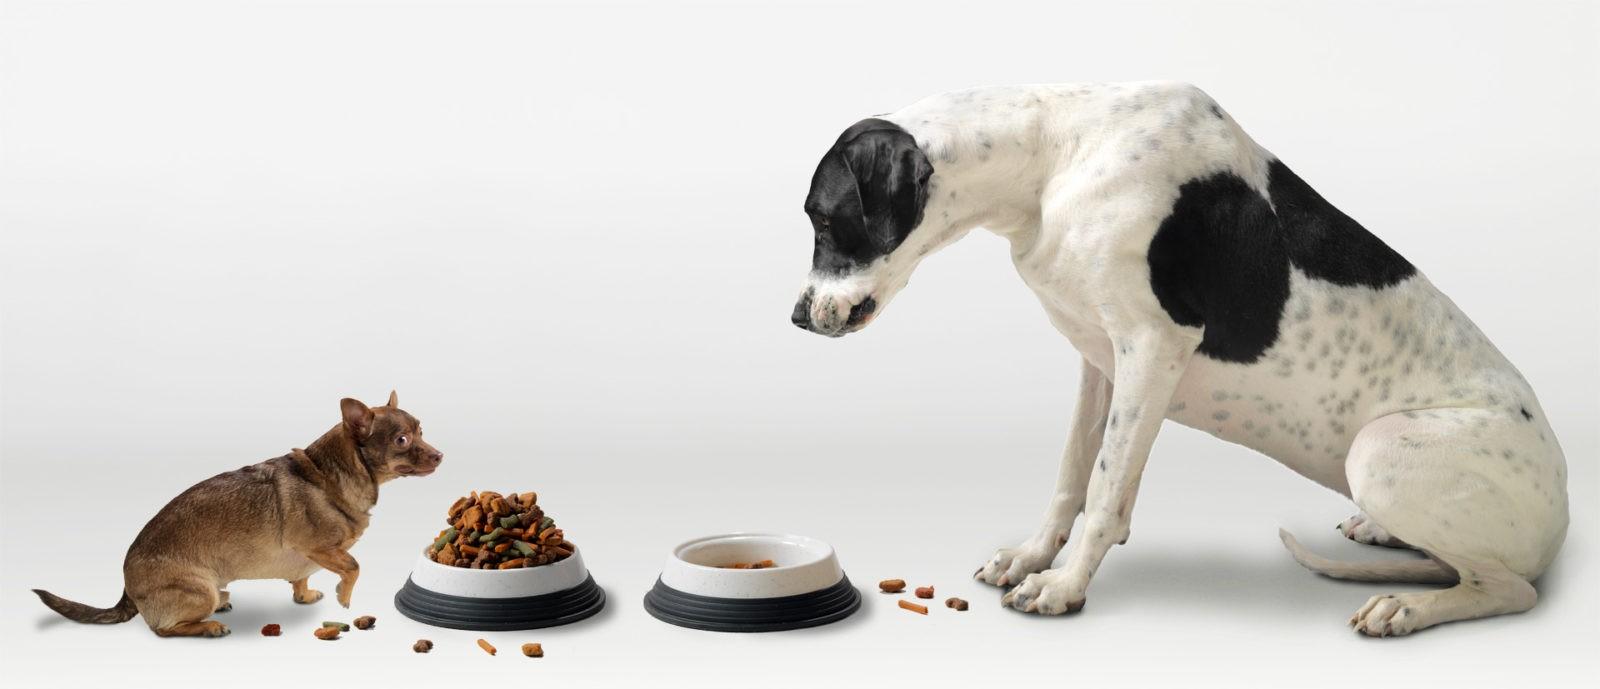 Как правильно выбрать корм для домашних животных: описание,фото